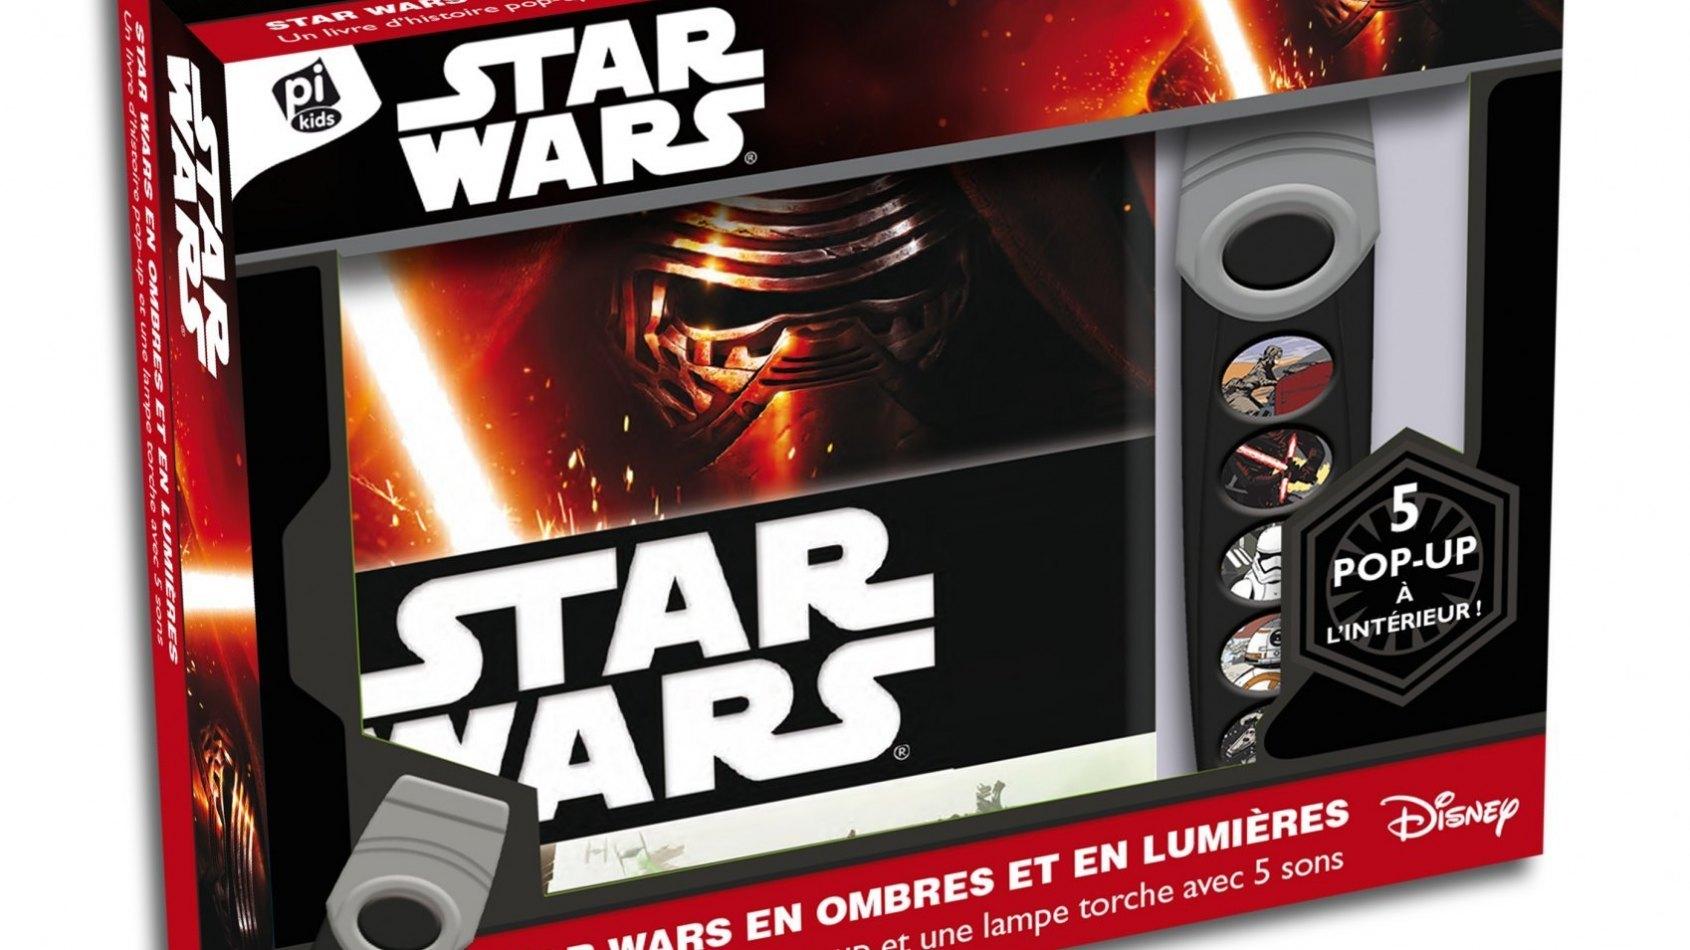 Review : Star Wars en Ombres et Lumières